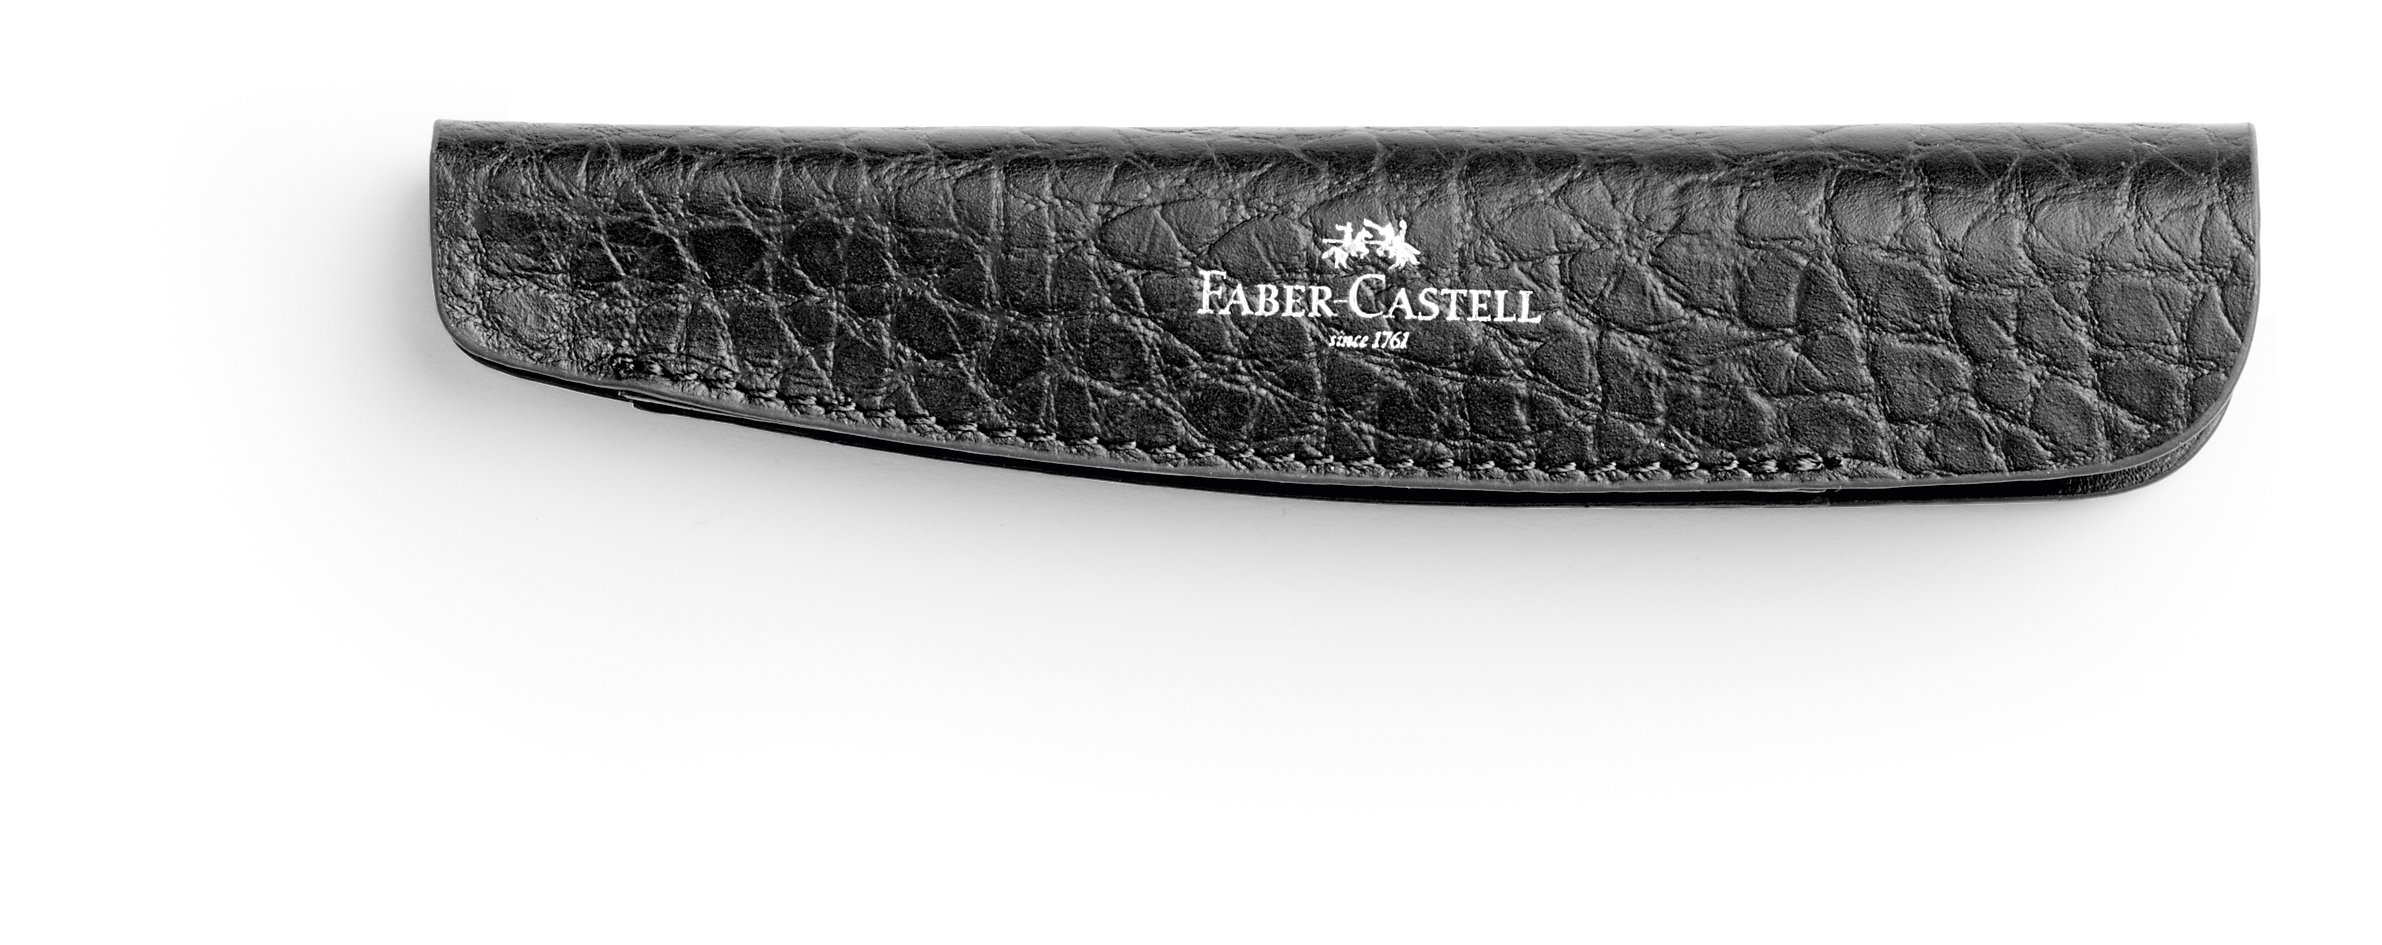 Faber-Castell – Estuche para portaminas (piel), color negro